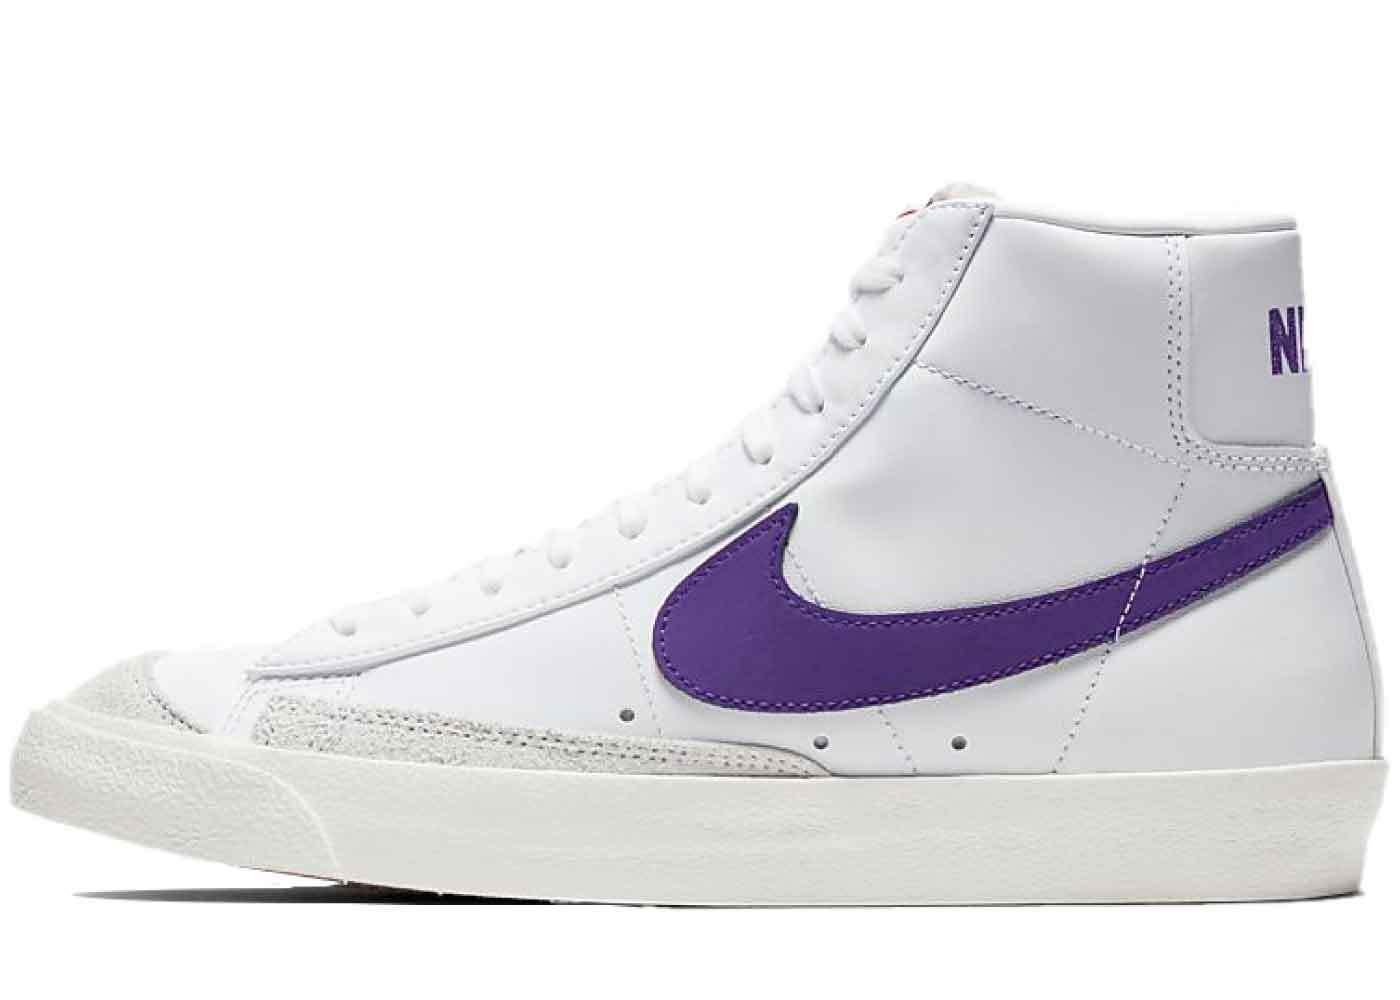 Nike Blazer Mid '77 White Voltage Purpleの写真